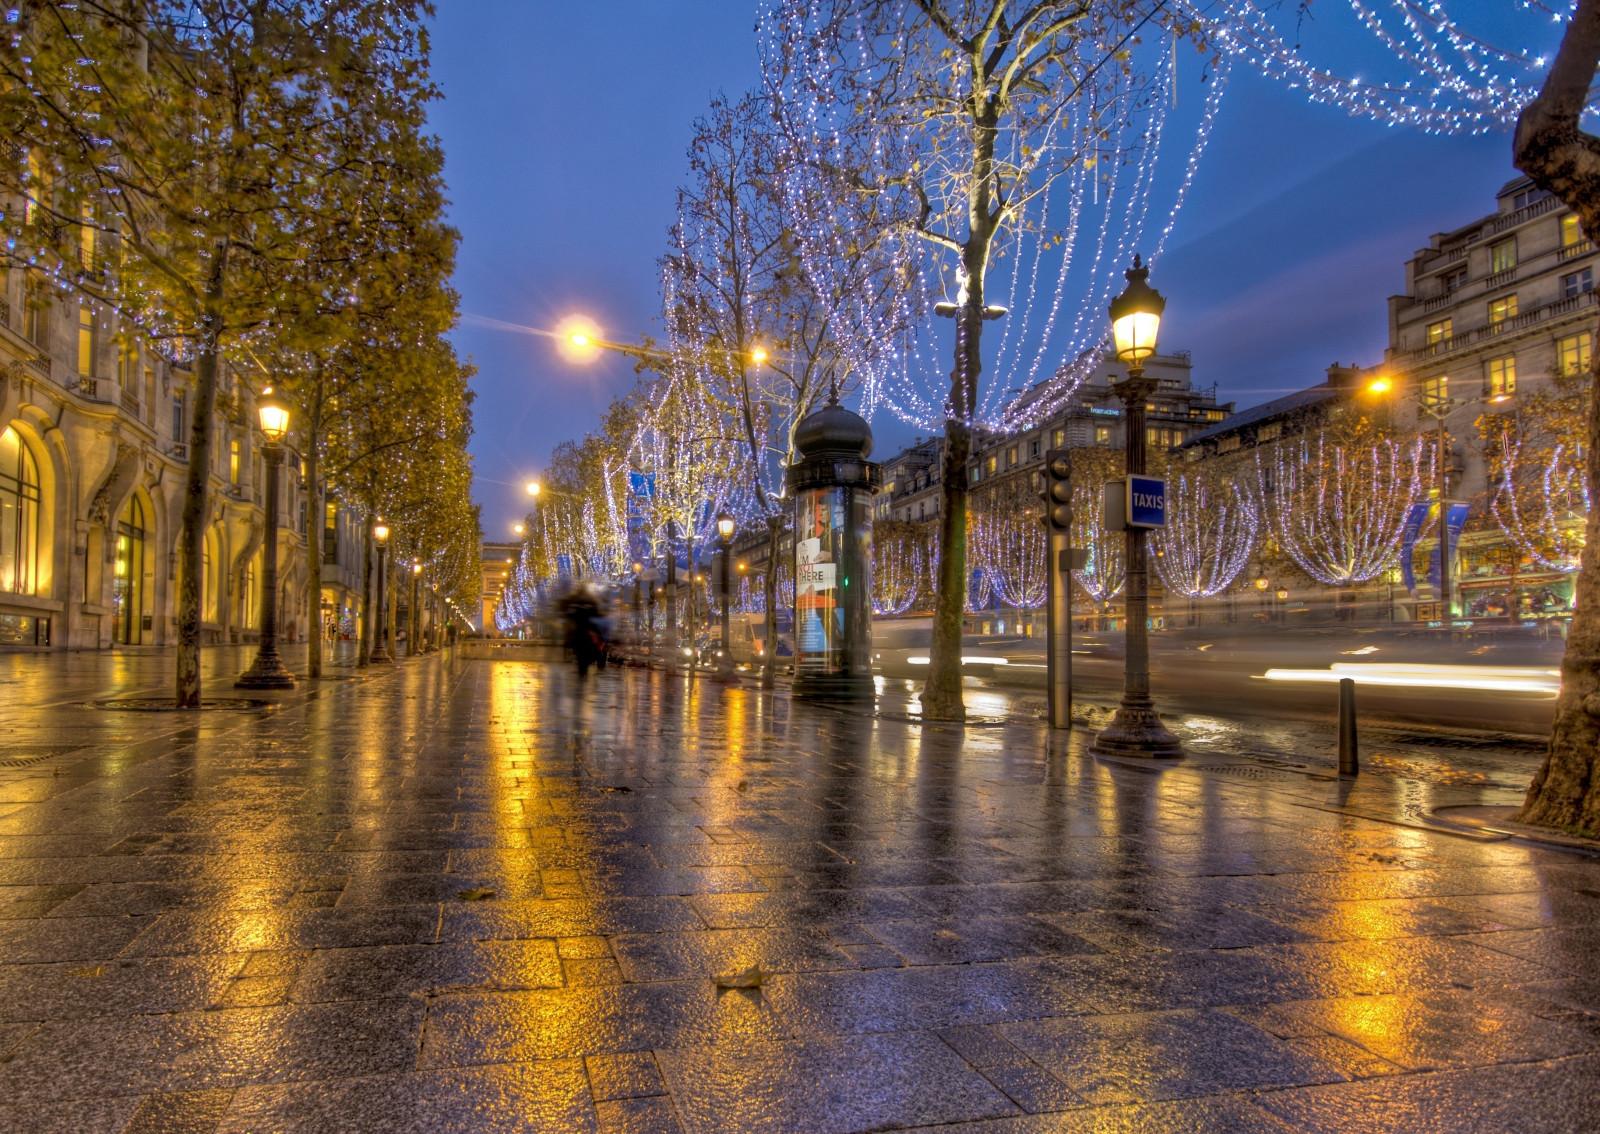 フランス, パリ, 道路, ライト, 通り, HDR